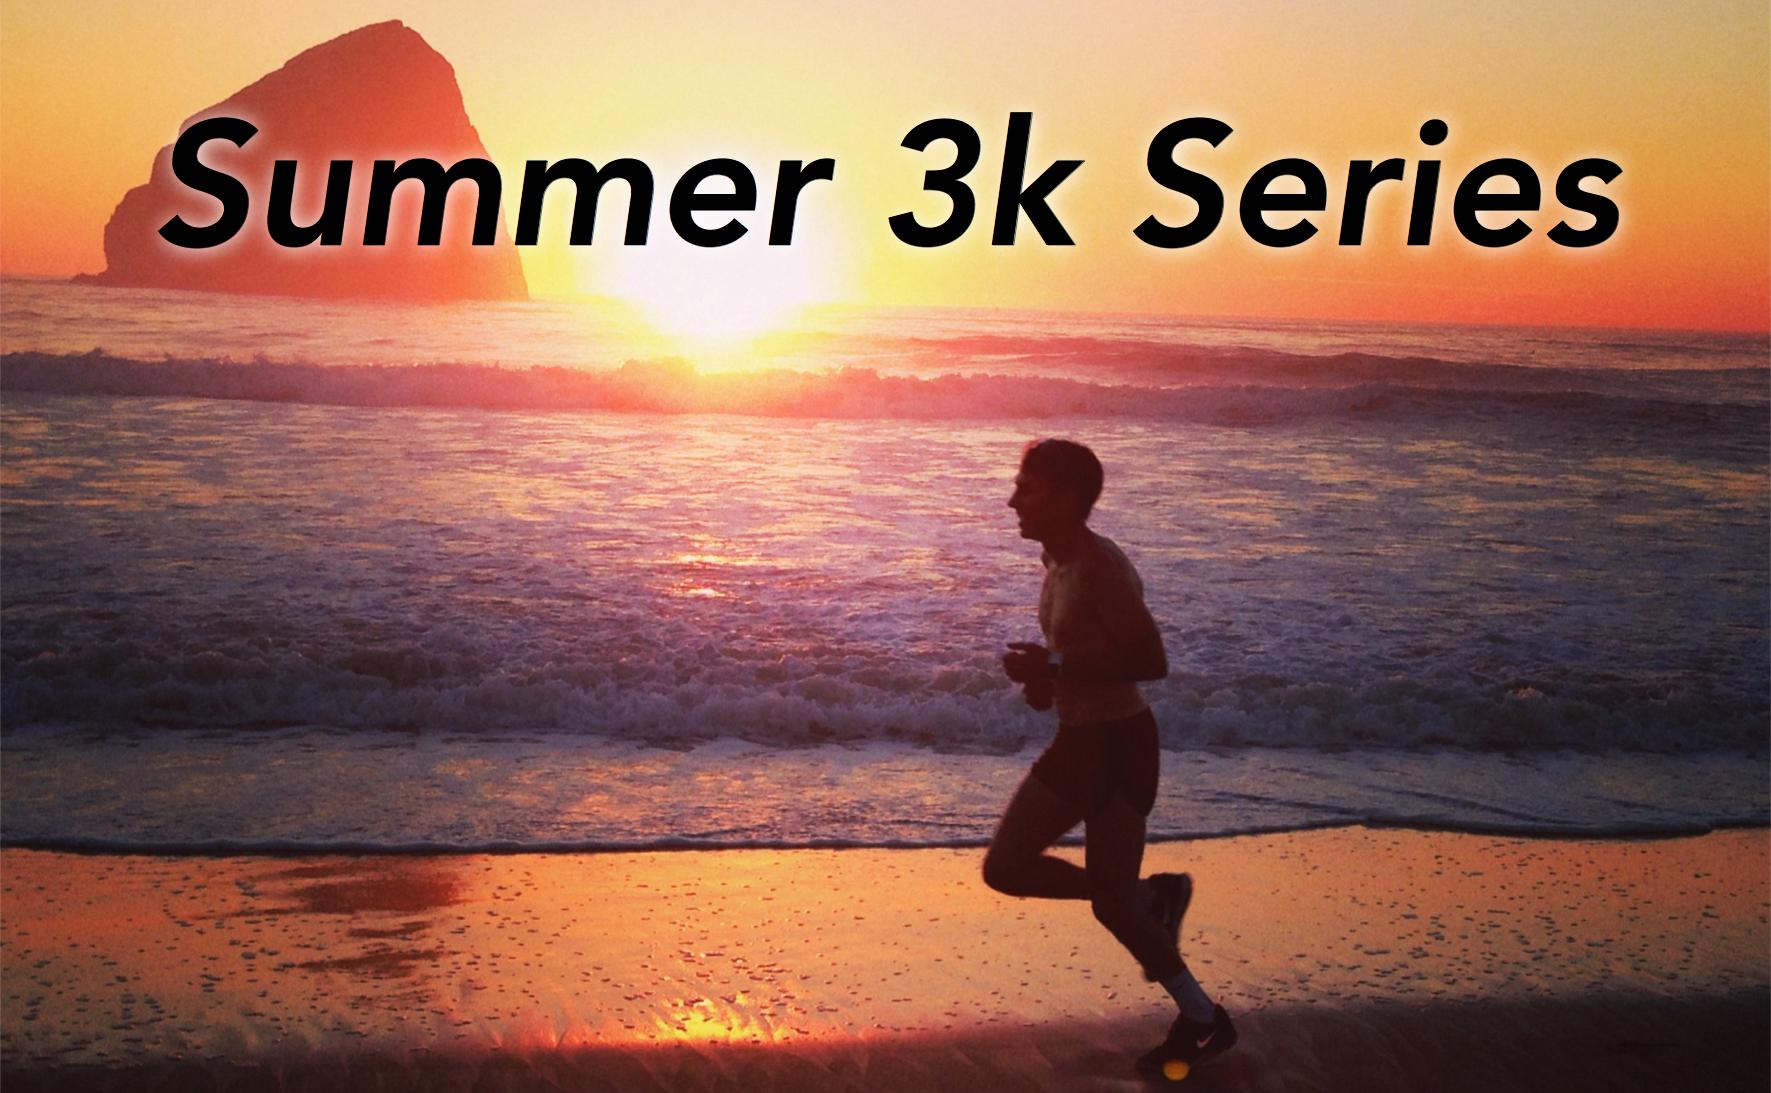 Summer_3k_Series_wRunner.jpg